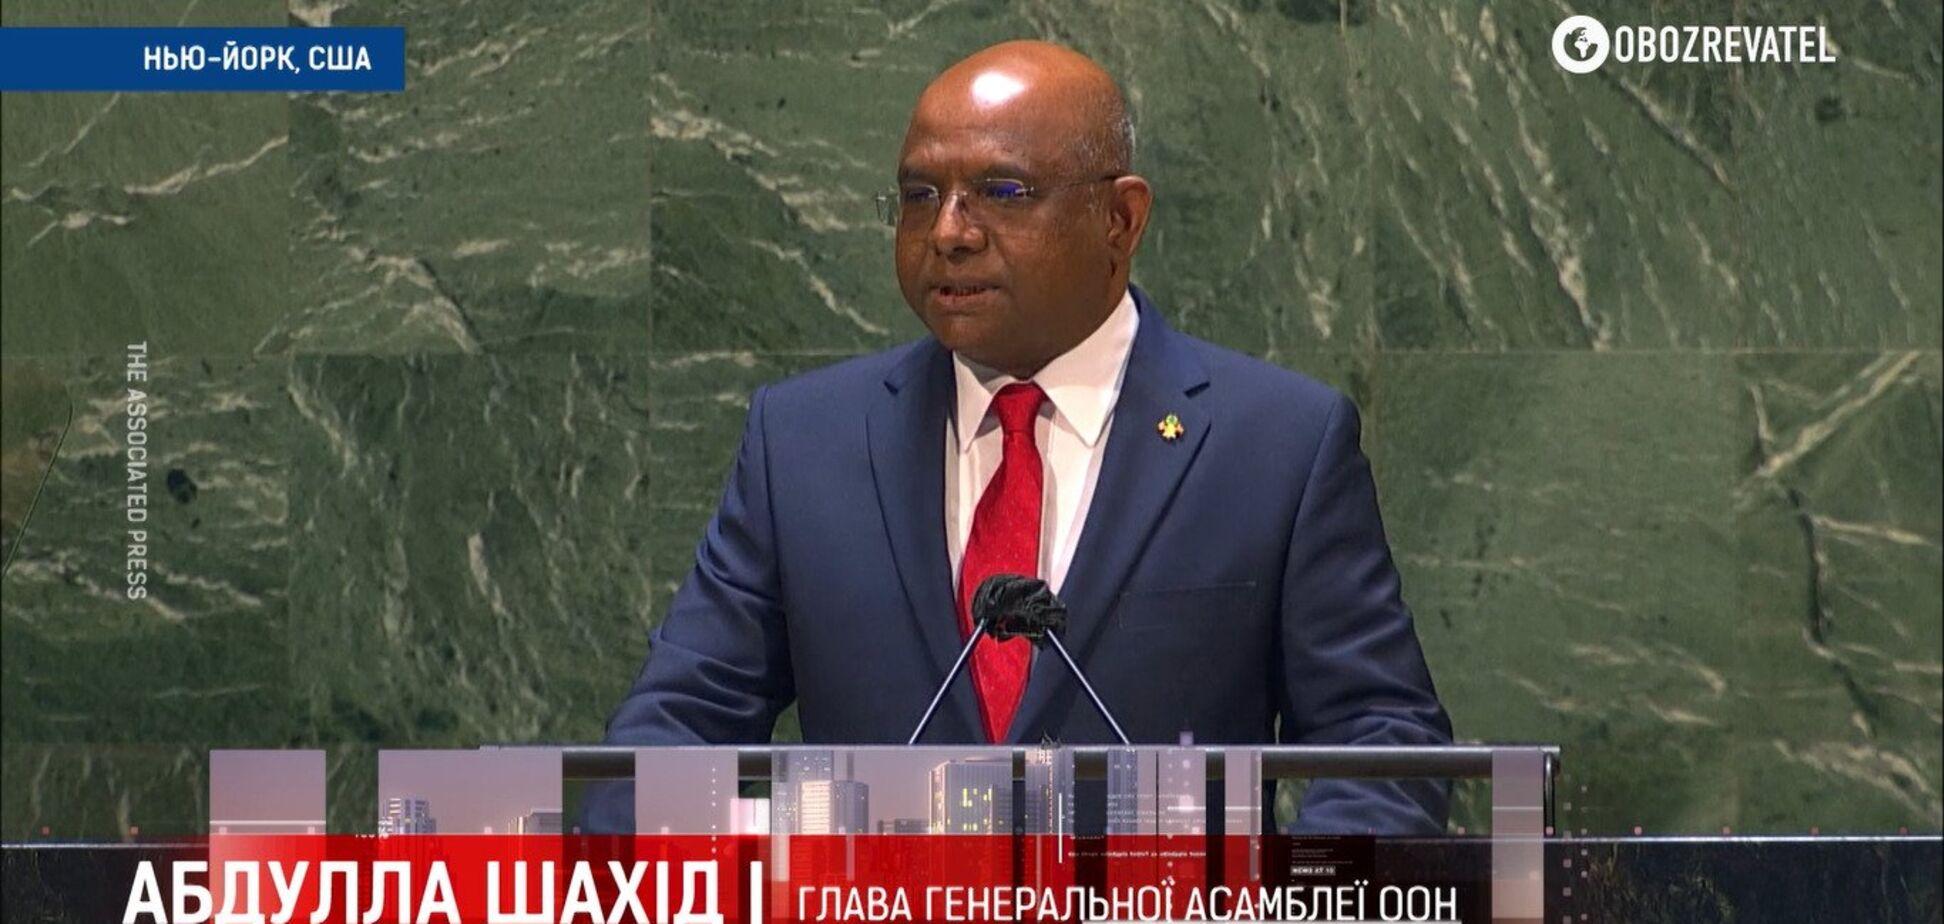 Председатель Генеральной Ассамблеи ООН: 'До конца 2022 года каждый человек на Земле должен вакцинироваться от коронавируса' – коронавирусные хроники